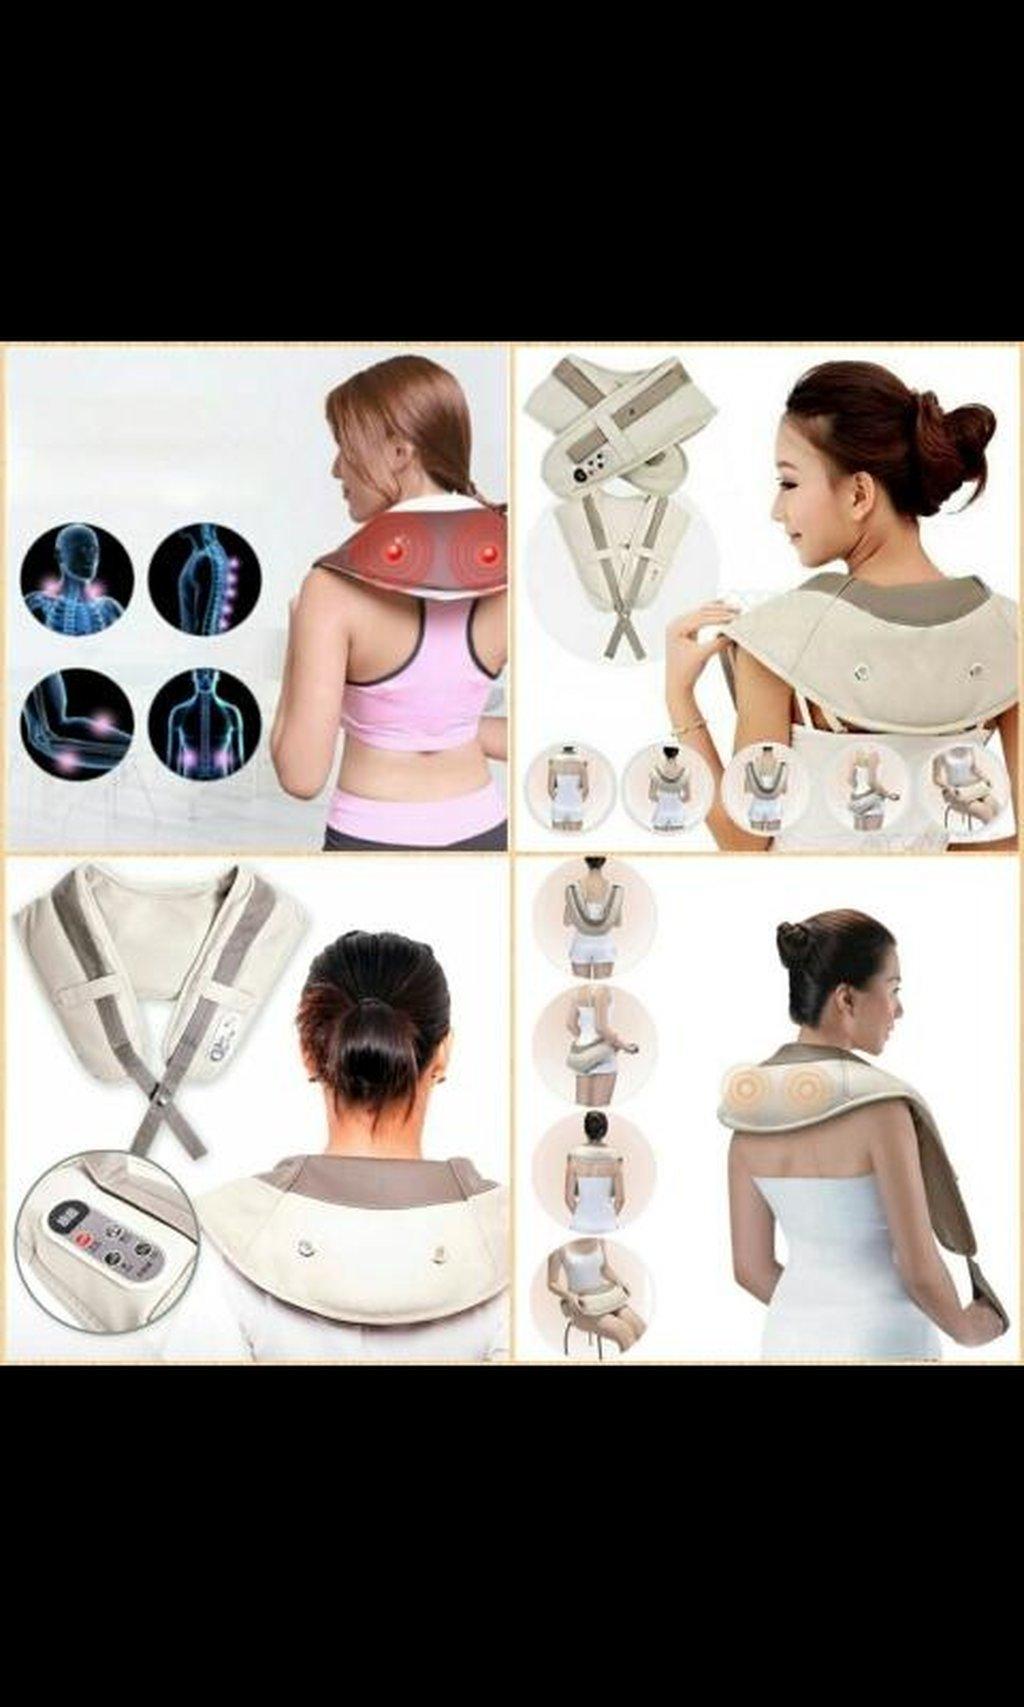 Постукивающий точечный массажер для шеи и плеч Wrap Neck Shoulder Massager предназначен для снятия стресса и расслабления мышц шеи, спины, плеч, бедер, поясницы, икр, ног с помощью методики воздействием на расположенные по всему телу локальные биологически активные точки